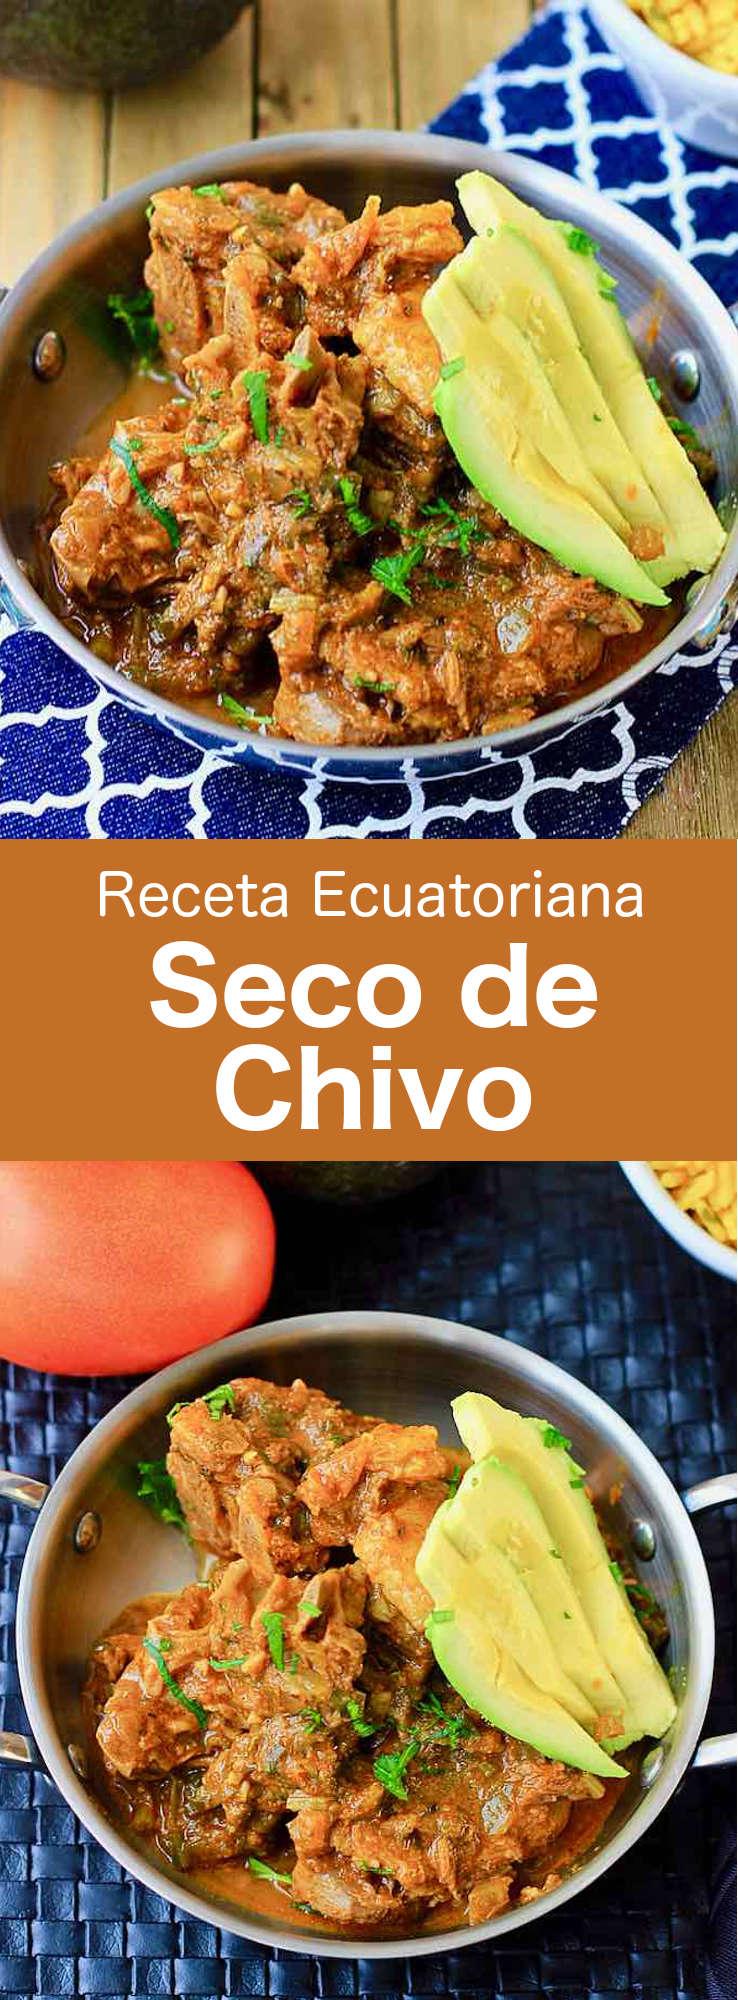 El seco de chivo es un guiso ecuatoriano tradicional hecho con carne de cabra cocinada con ajo, comino, achiote, pimiento, pimiento picante, cebolla, cilantro y salsa de tomate, chicha, jugo de naranjilla, panela y especias.